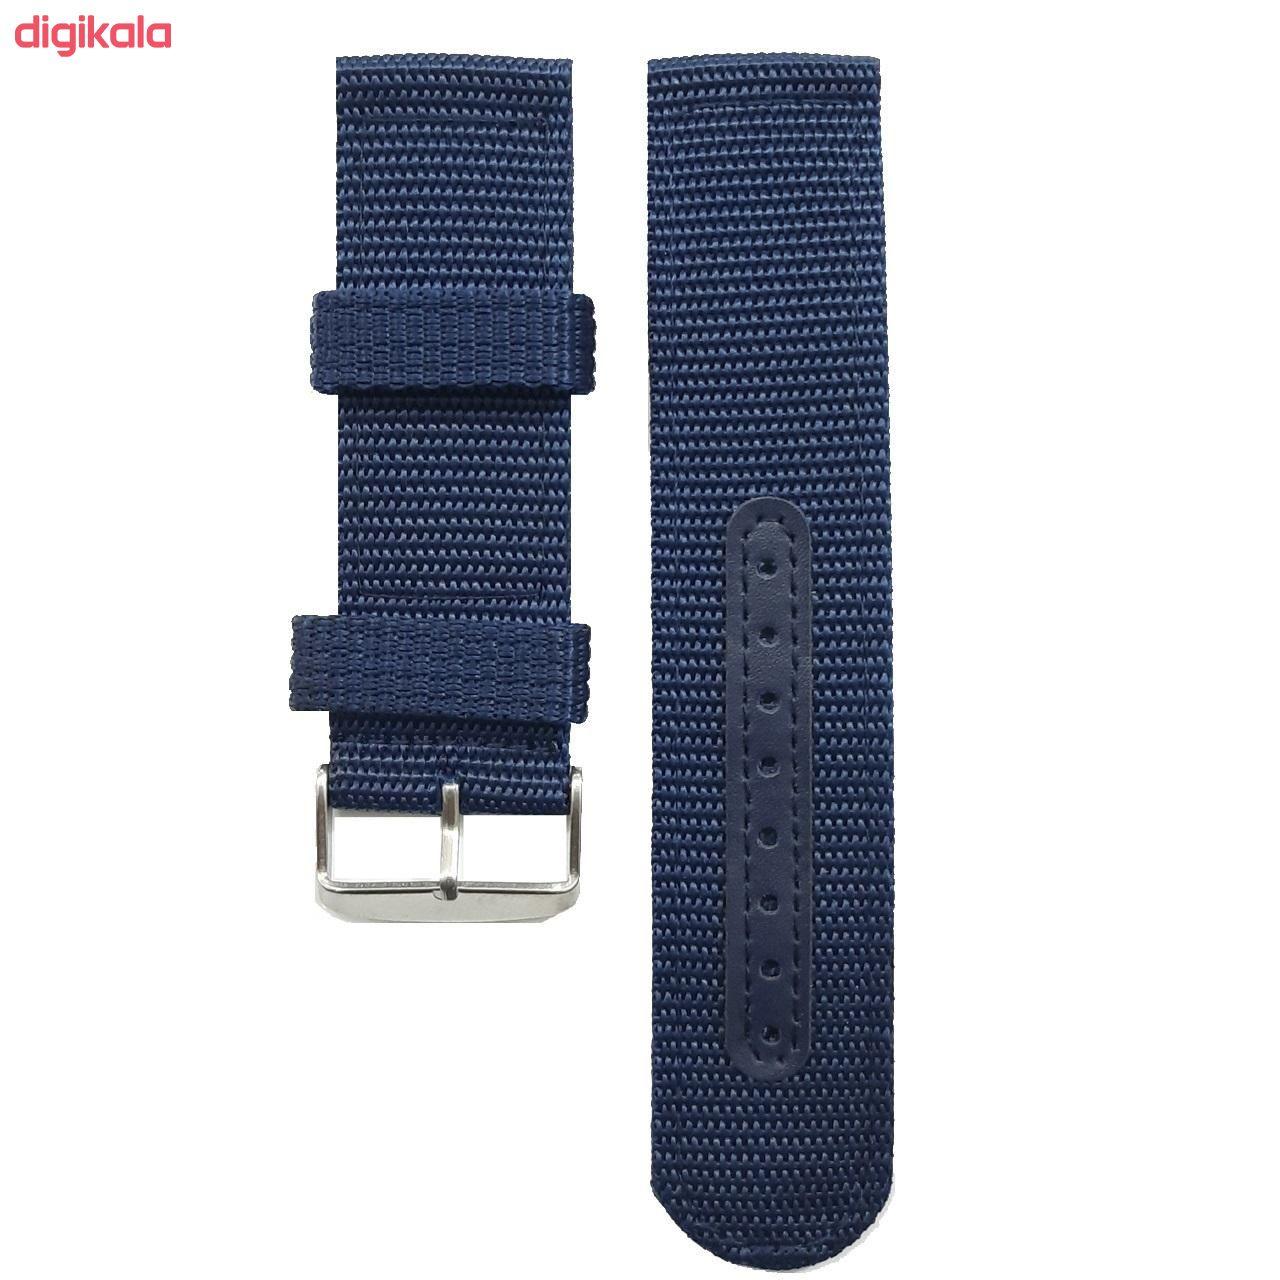 بند مدل vivo 22 مناسب برای ساعت هوشمند سامسونگ Gear S4 SM-R810 46mm main 1 5